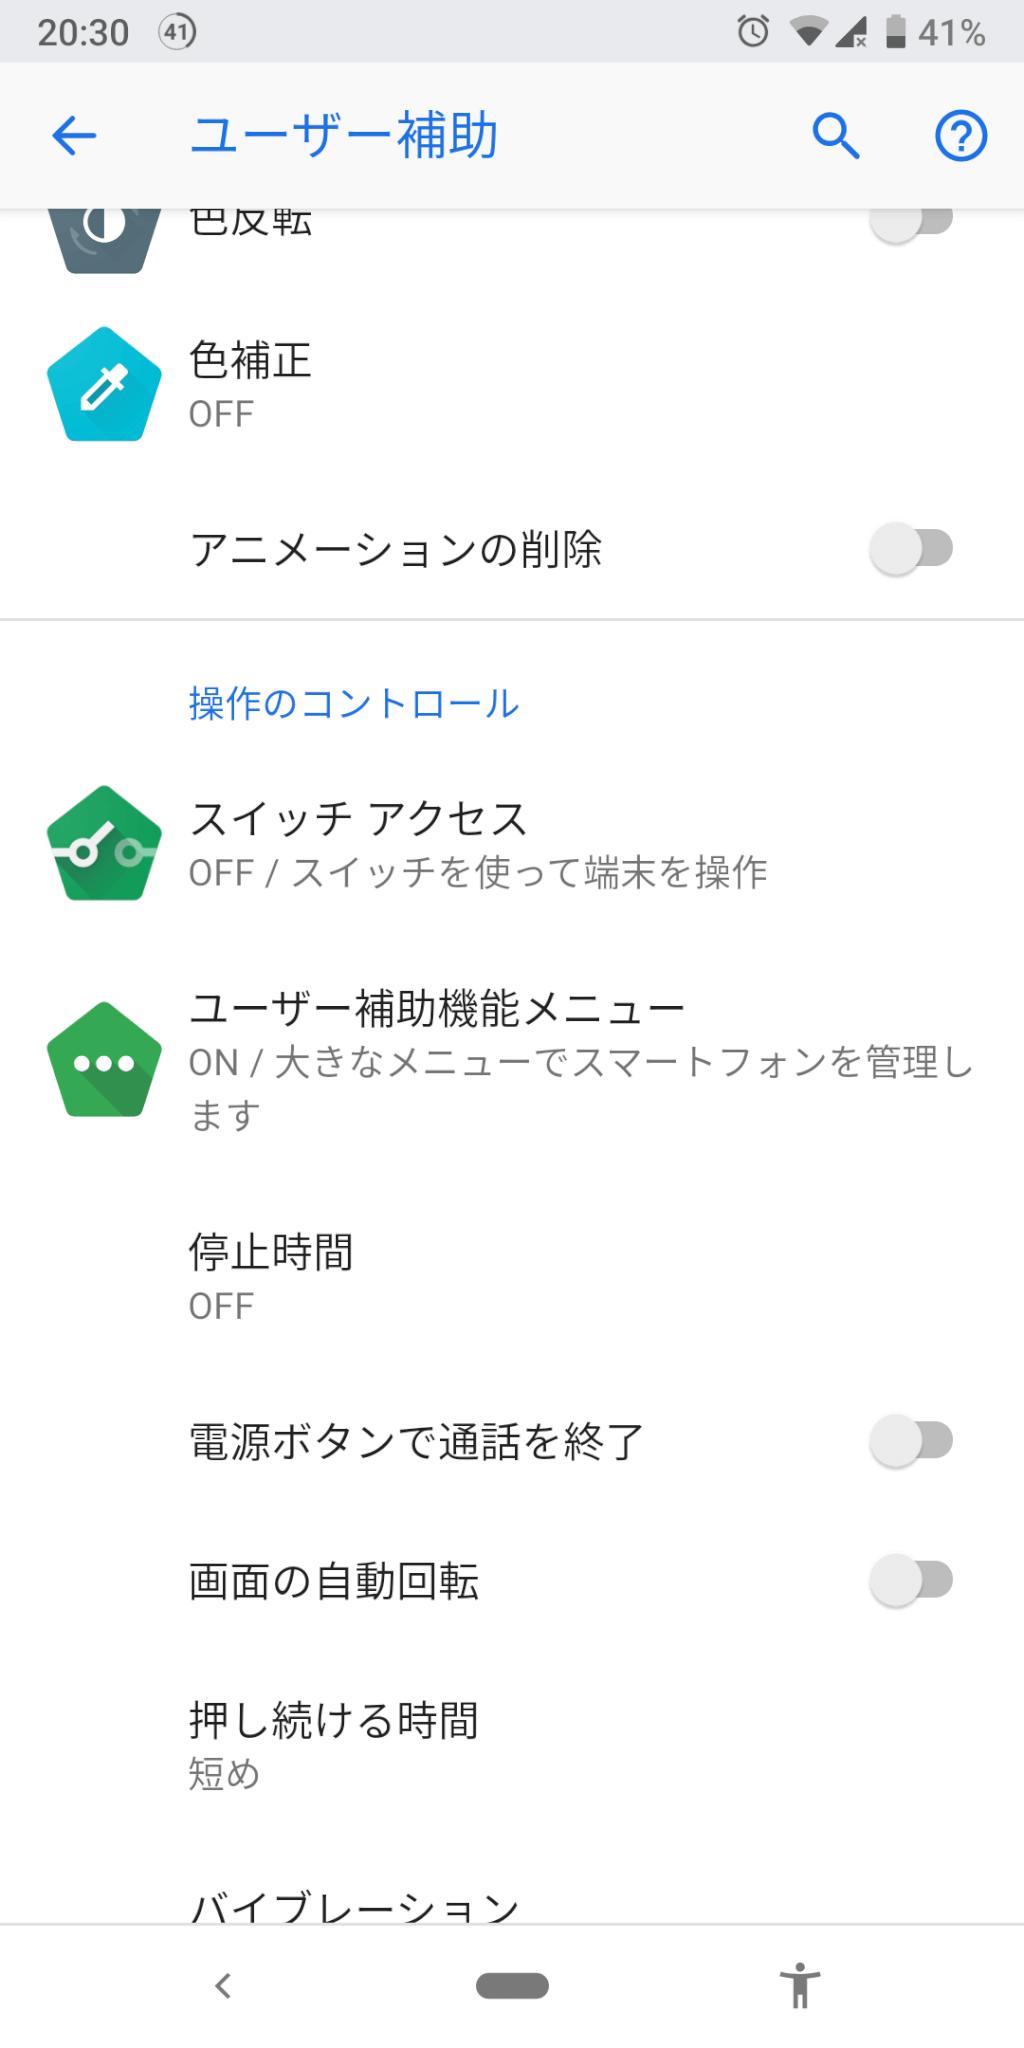 ユーザー補助機能メニュー